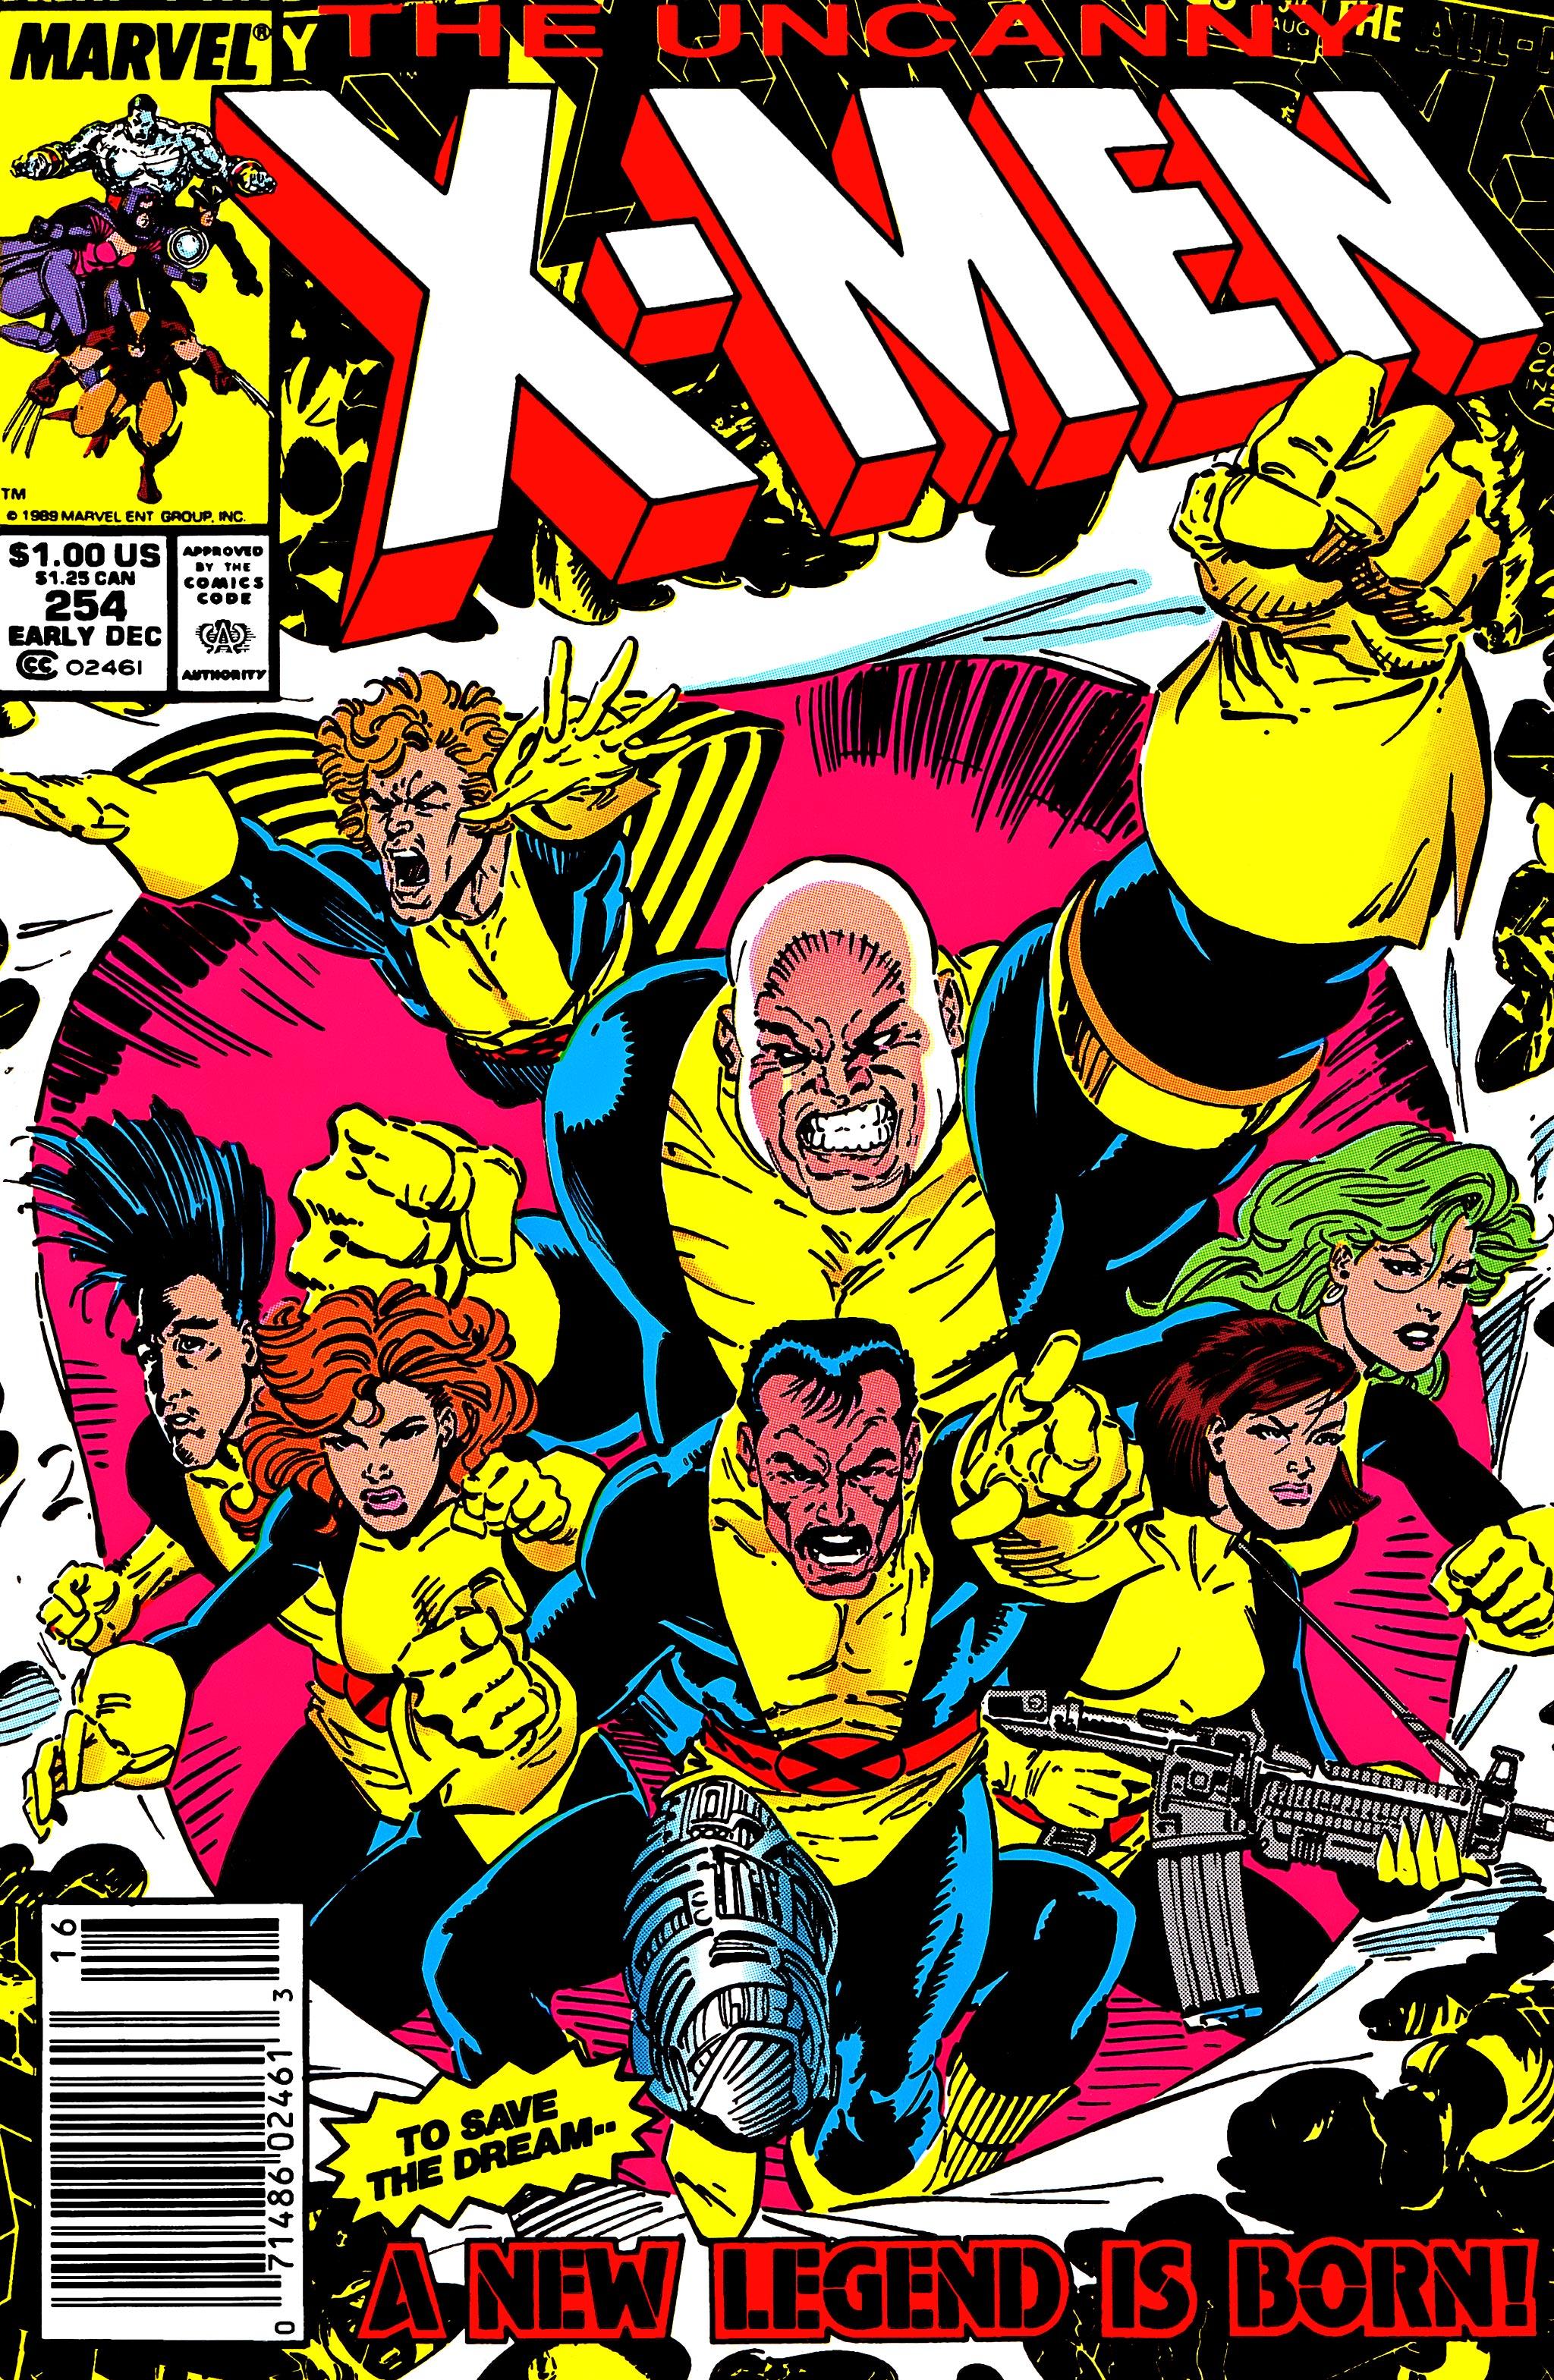 Uncanny X-Men (1963) 254 Page 1